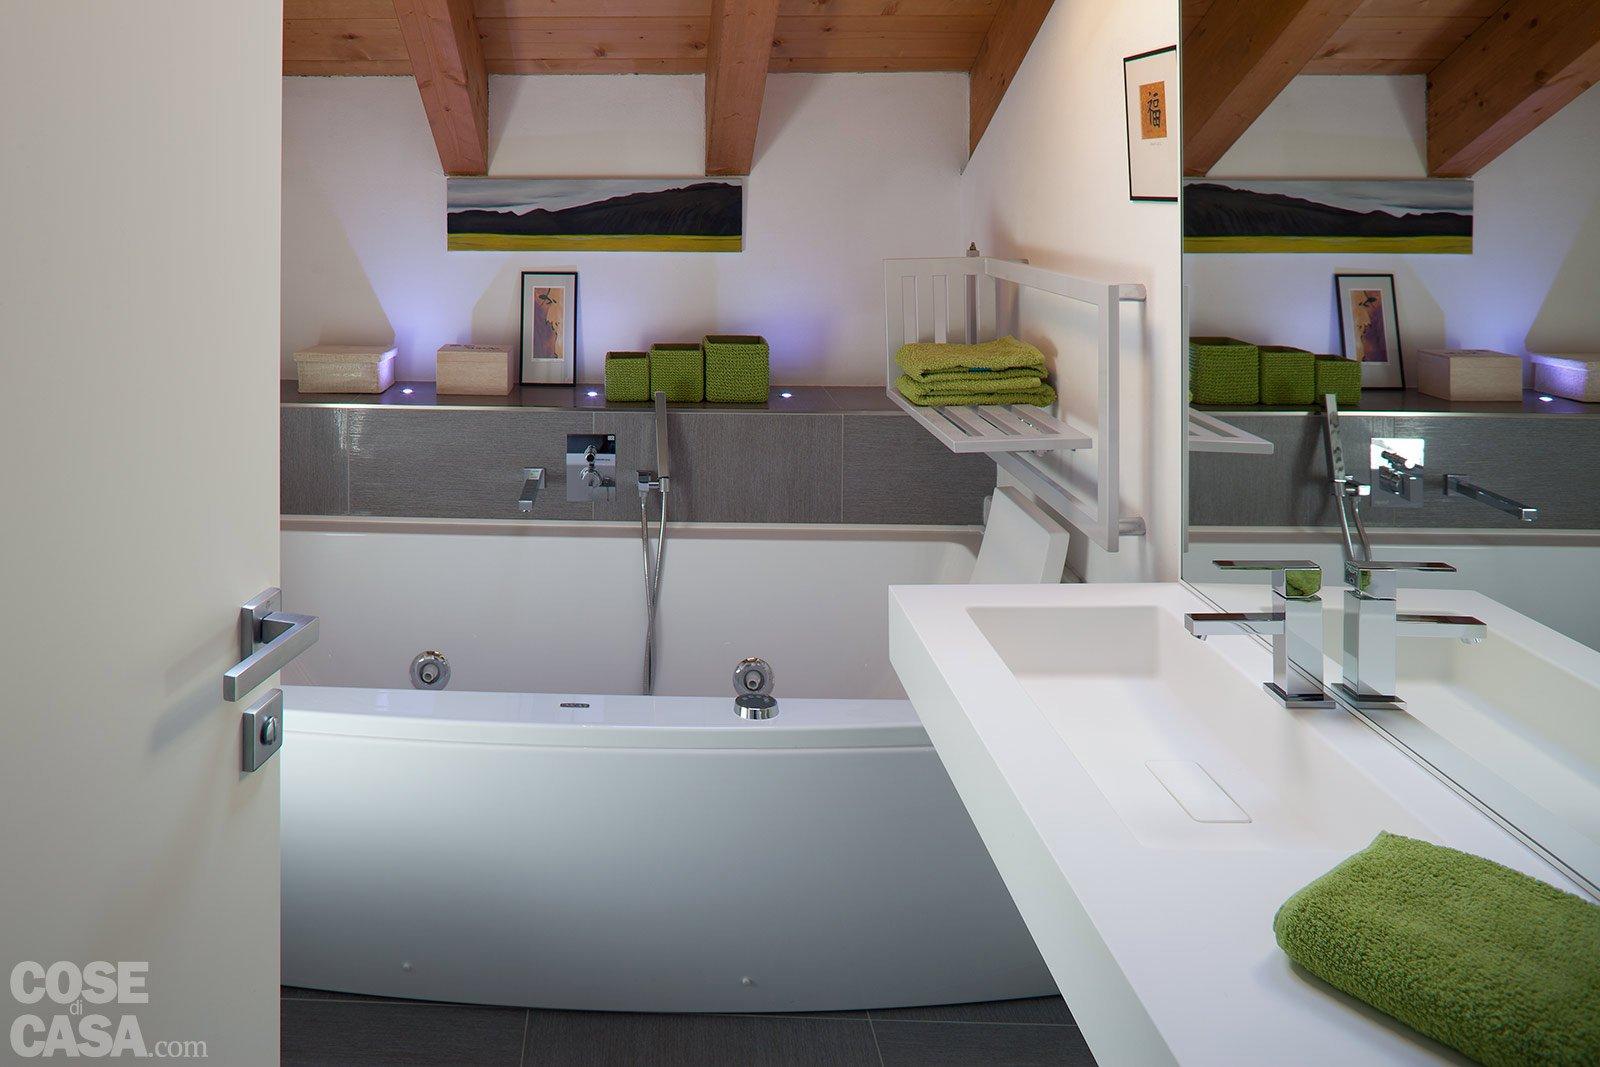 90 10 mq per una casa sottotetto che sfrutta bene gli spazi cose di casa - Bagno nel sottotetto ...